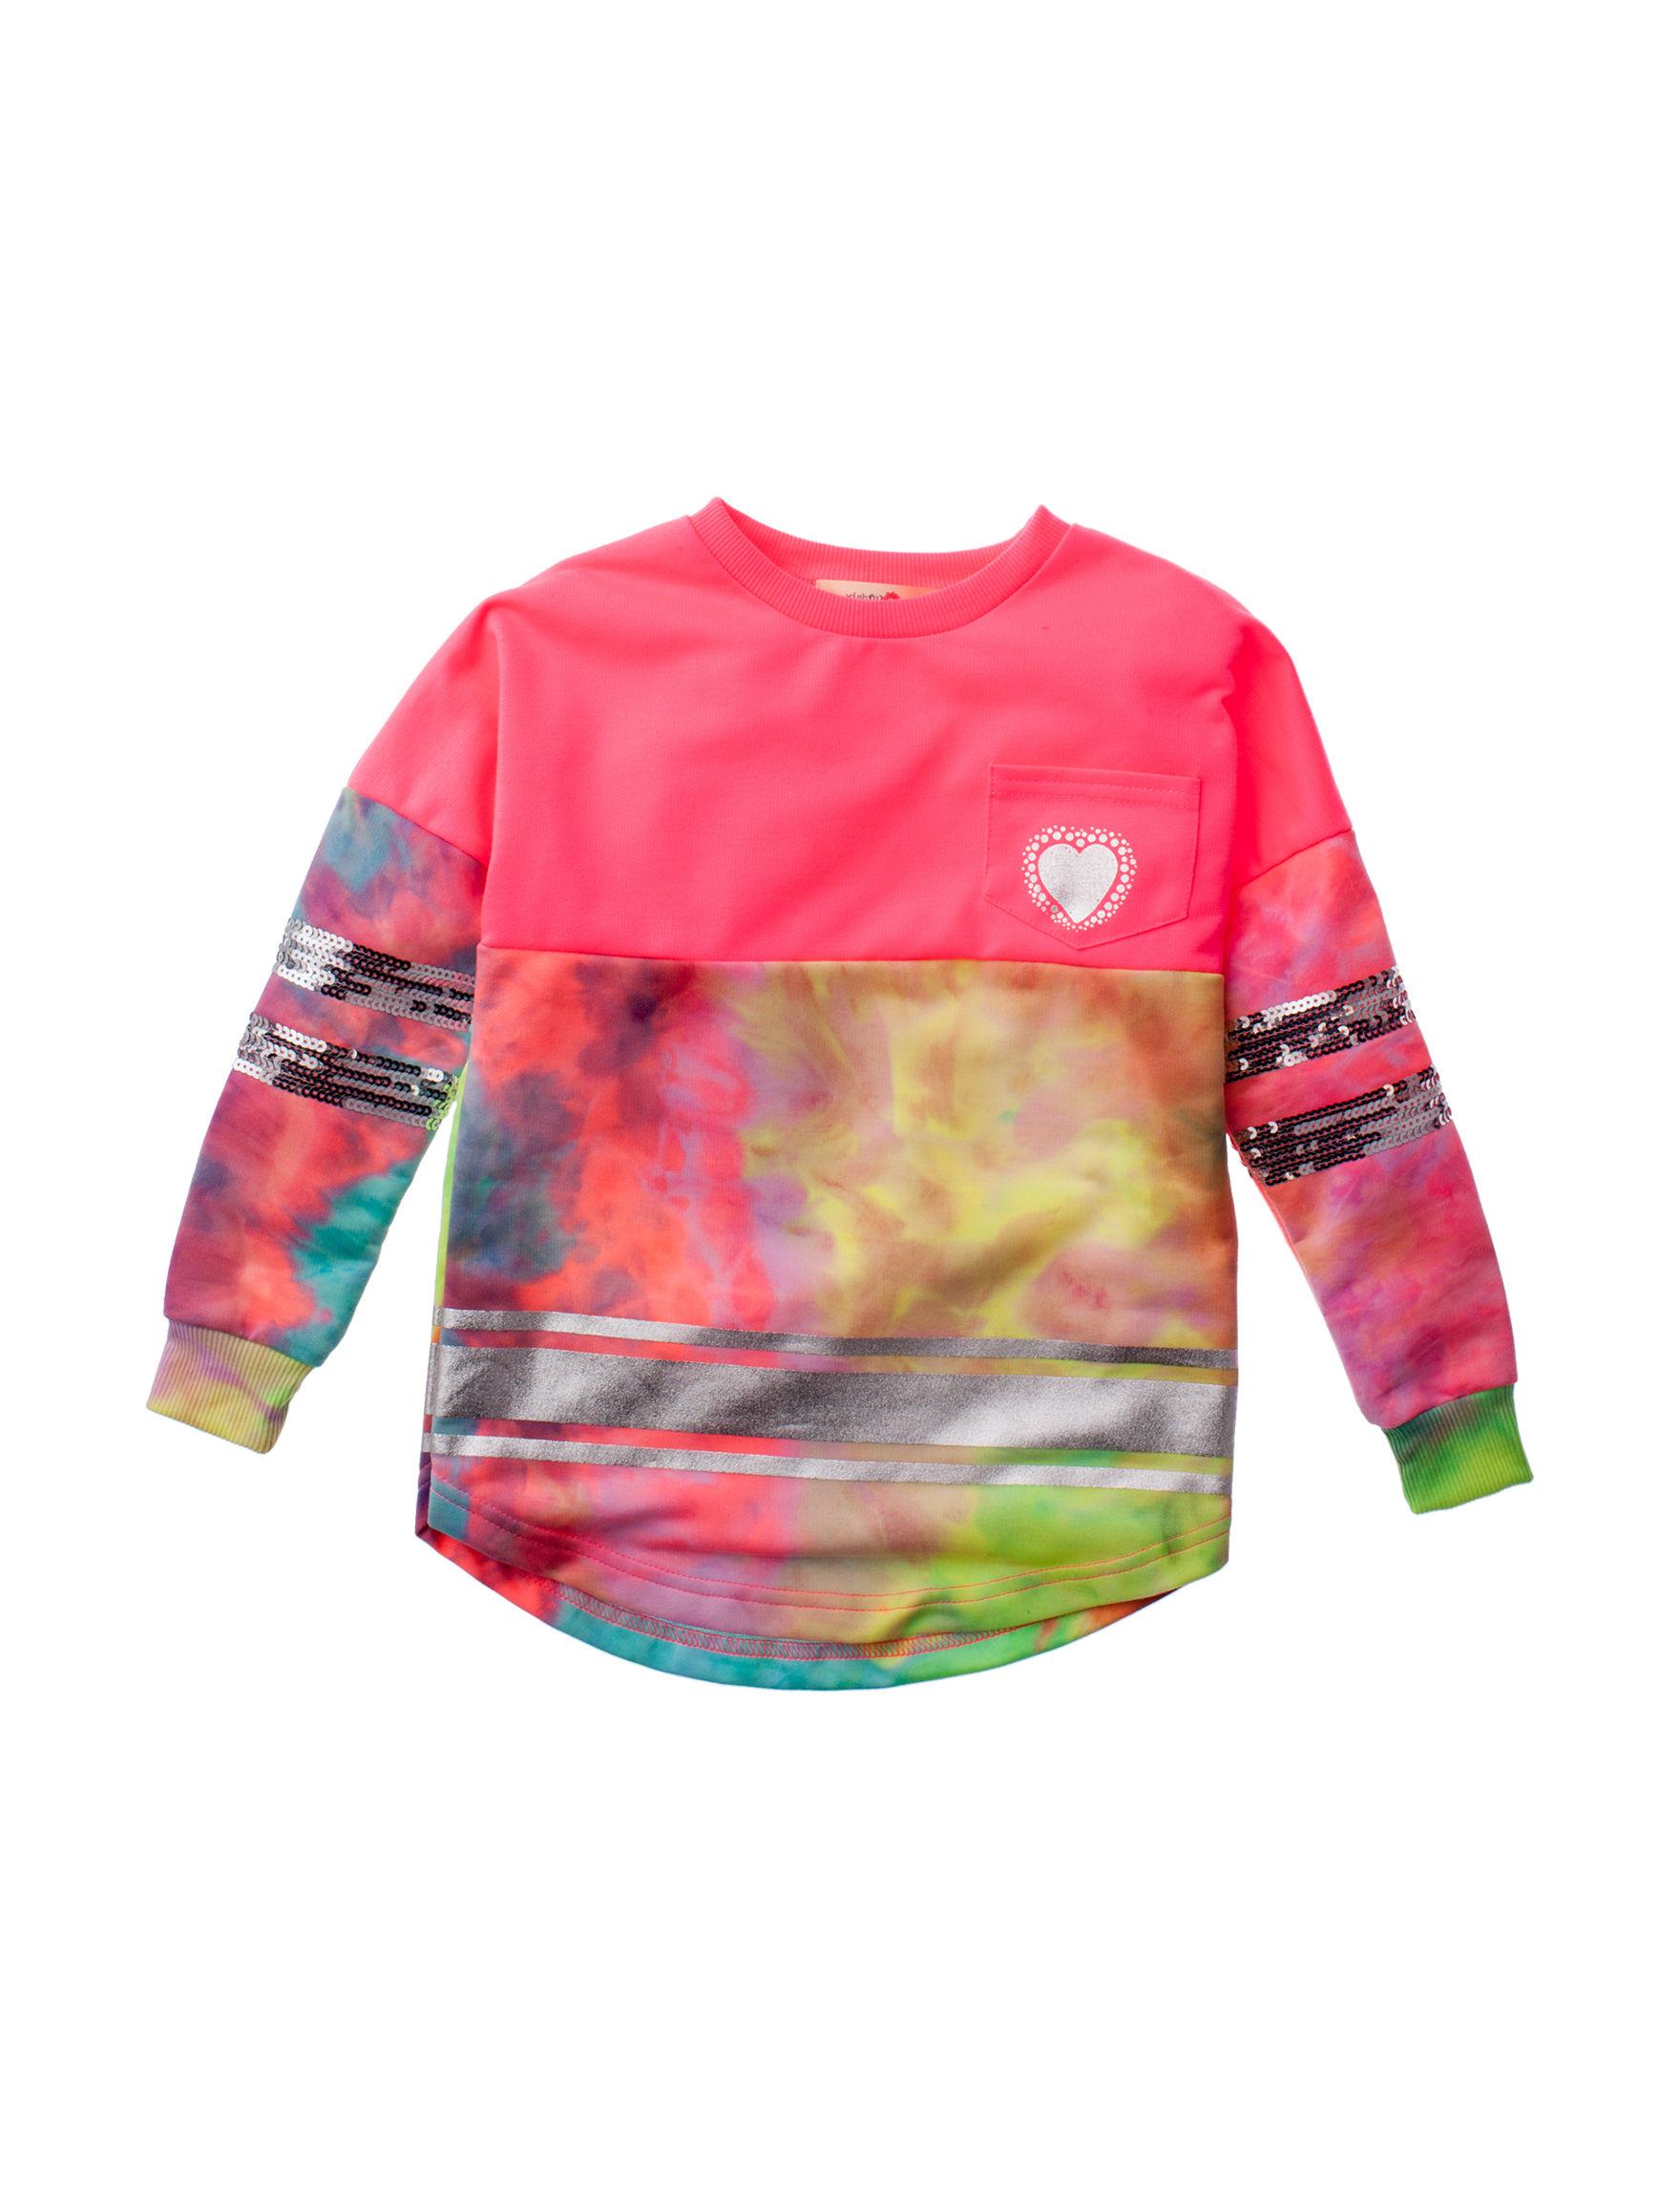 Wishful Park Pink / Tie Dye Tees & Tanks